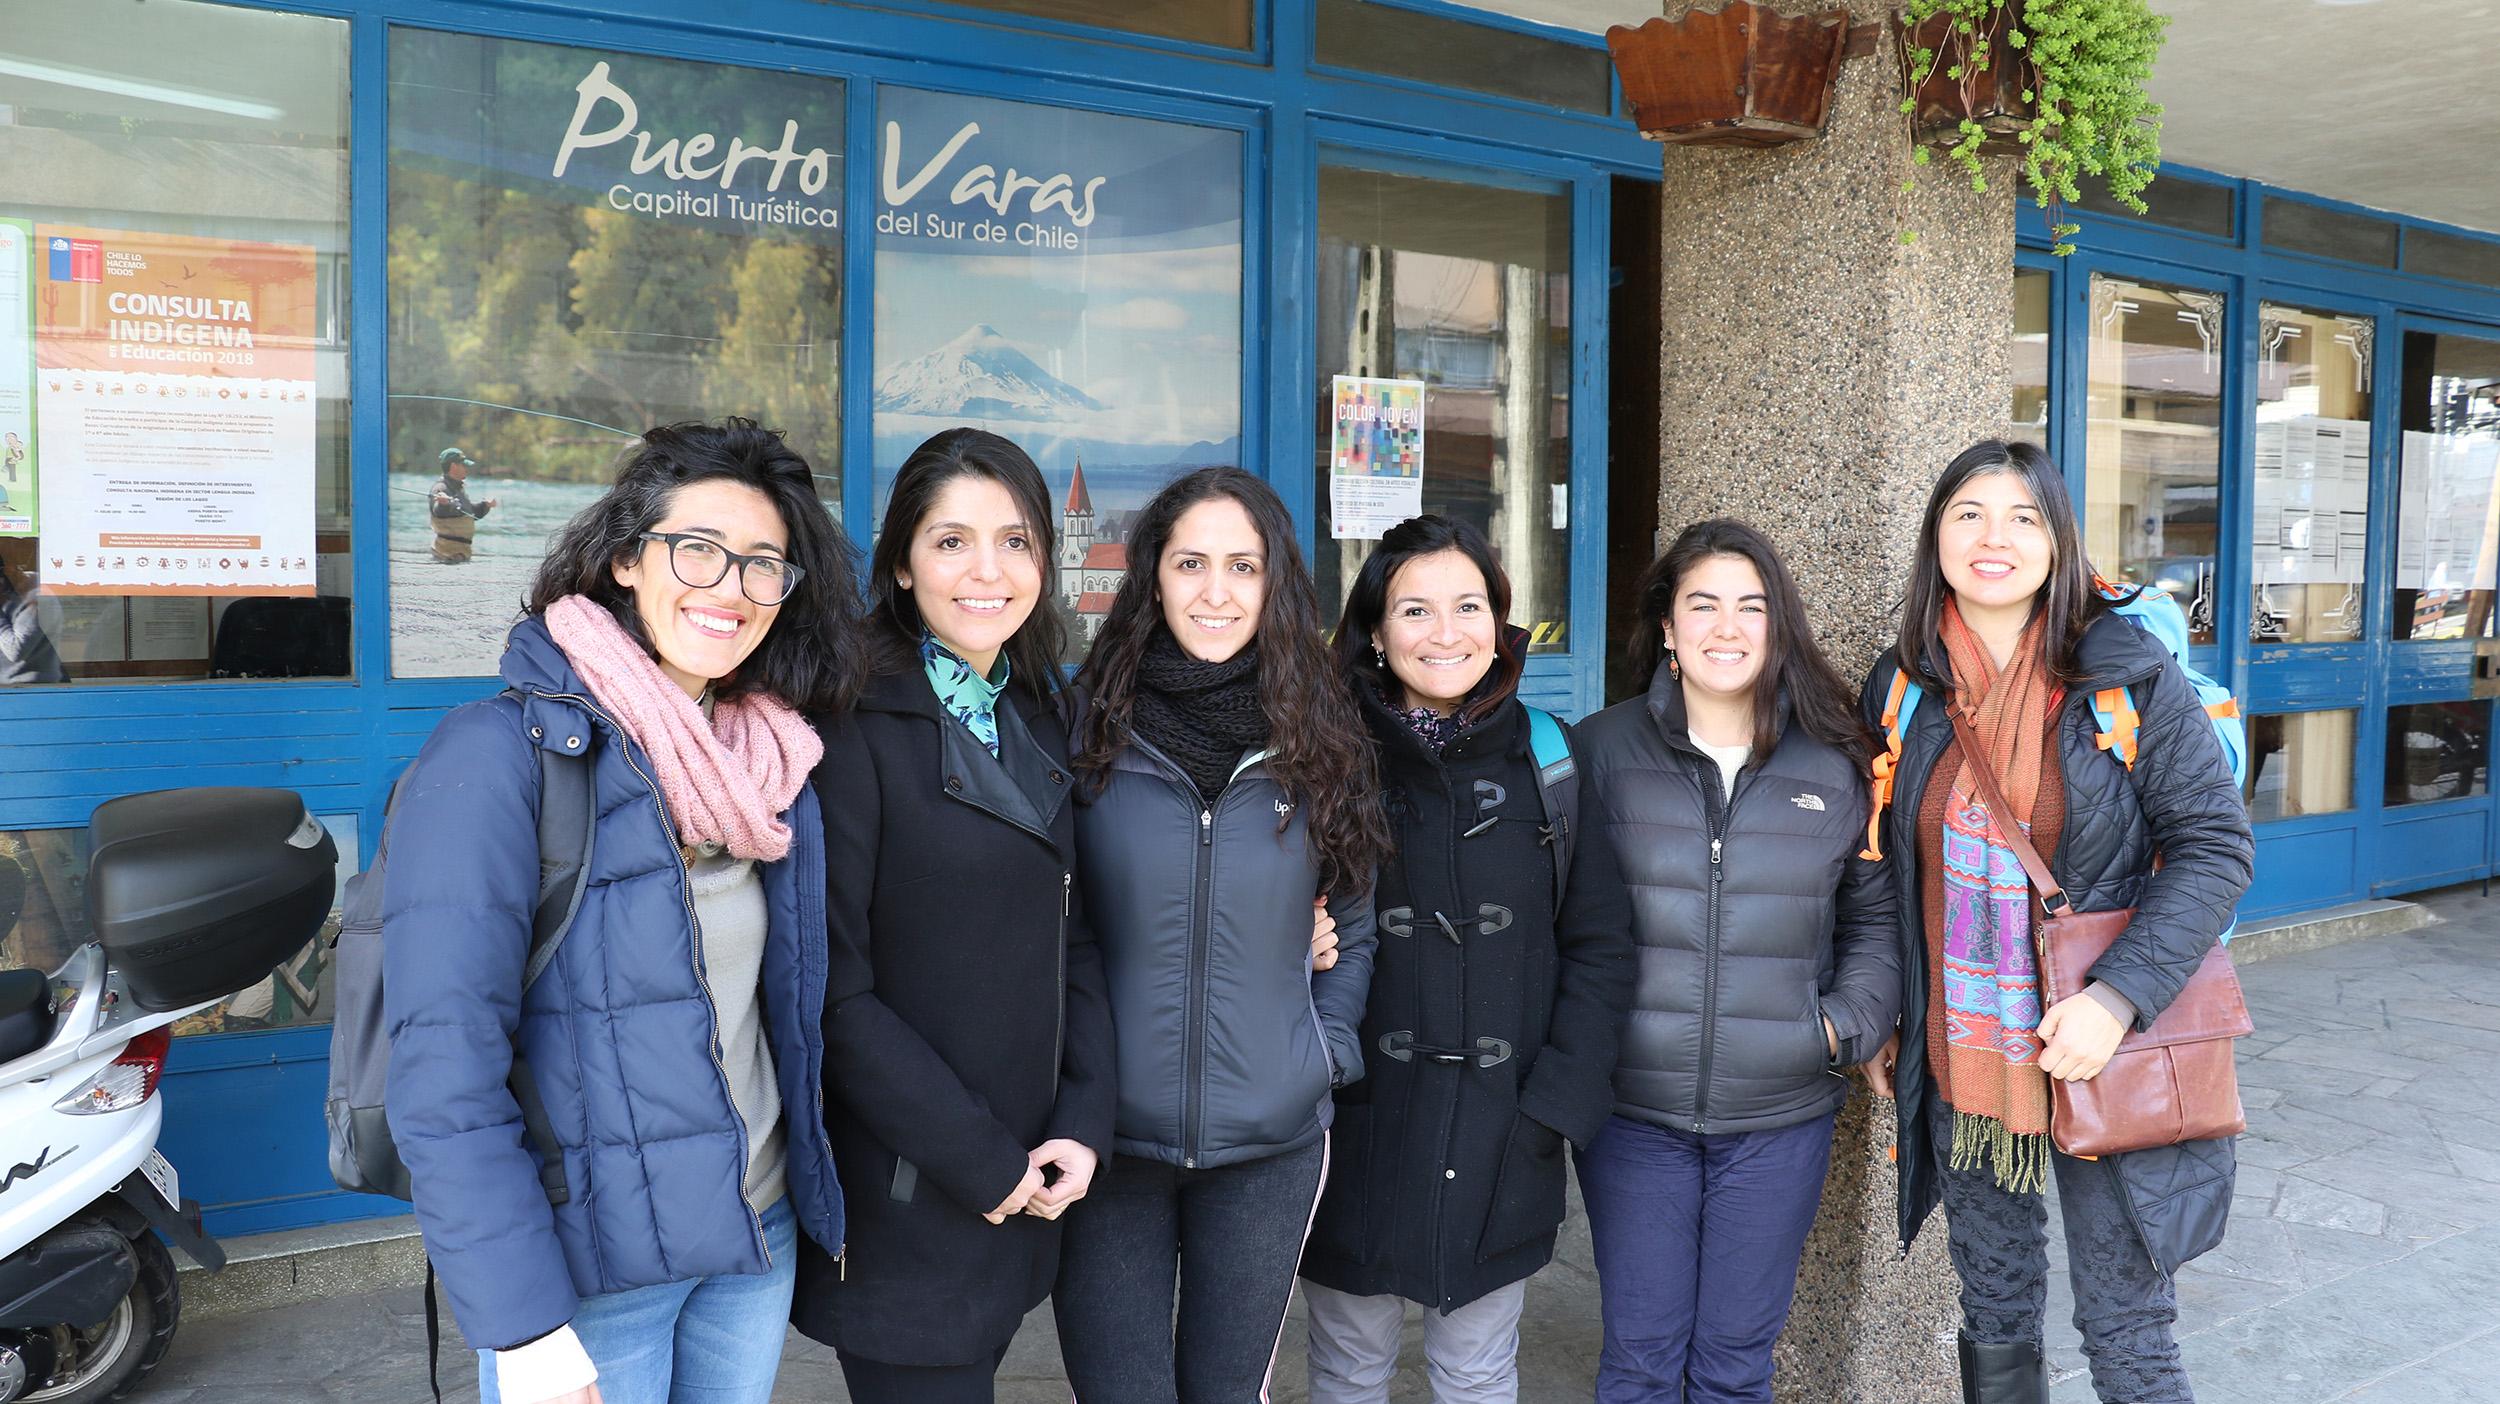 Diario Puerto Varas Departamento de Medio Ambiente ADAPT CHILE